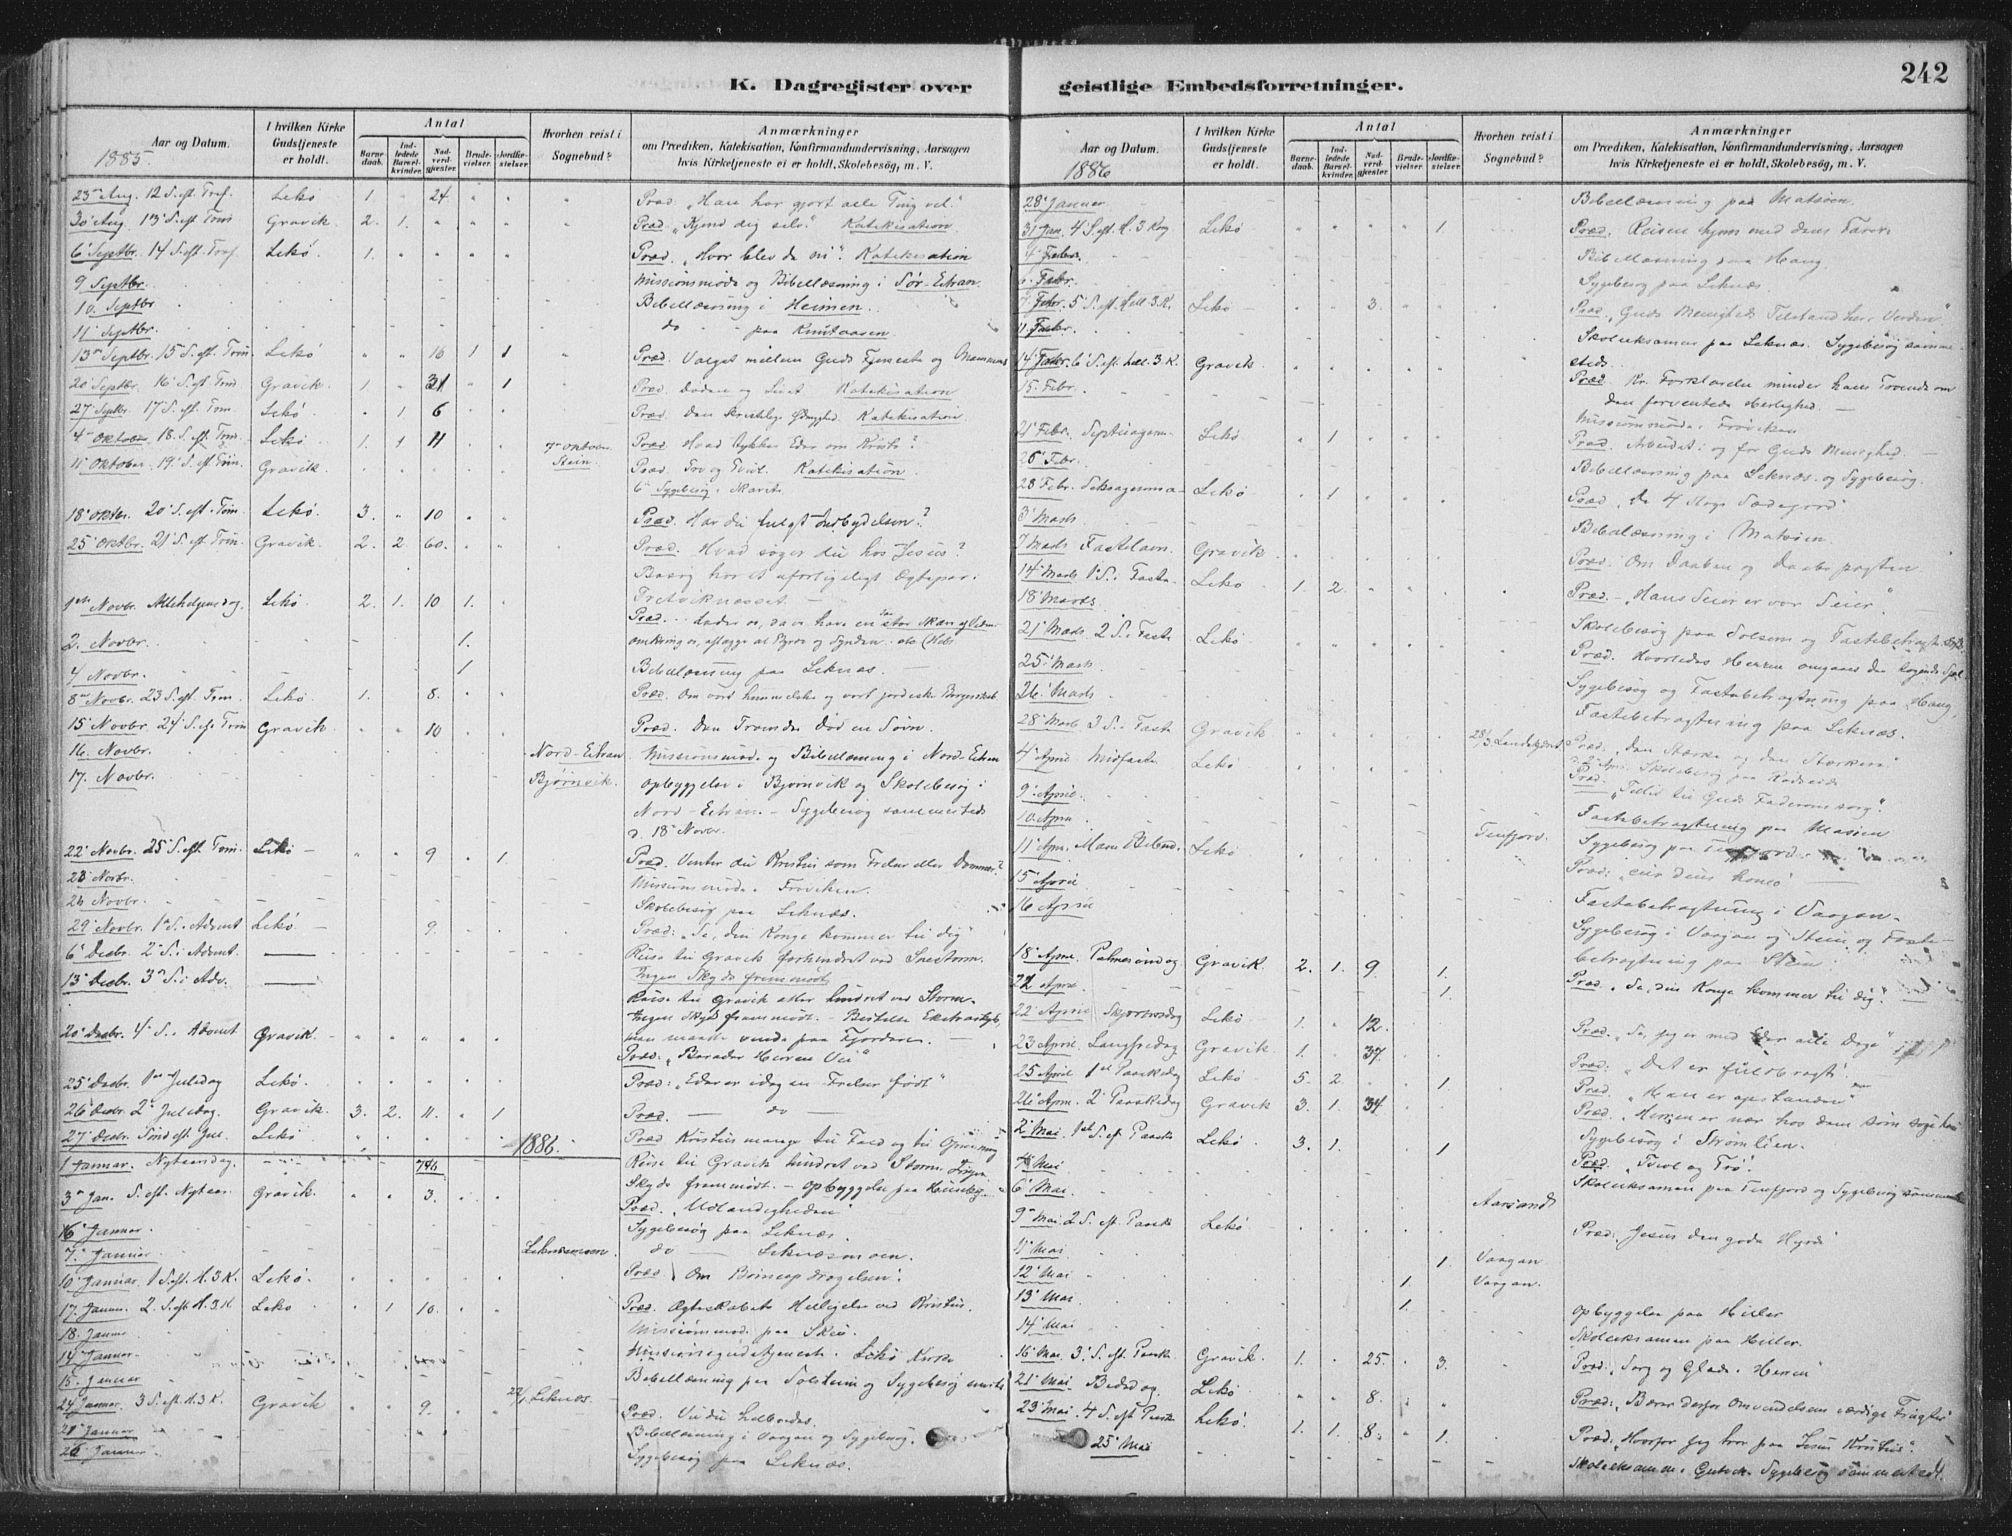 SAT, Ministerialprotokoller, klokkerbøker og fødselsregistre - Nord-Trøndelag, 788/L0697: Ministerialbok nr. 788A04, 1878-1902, s. 242